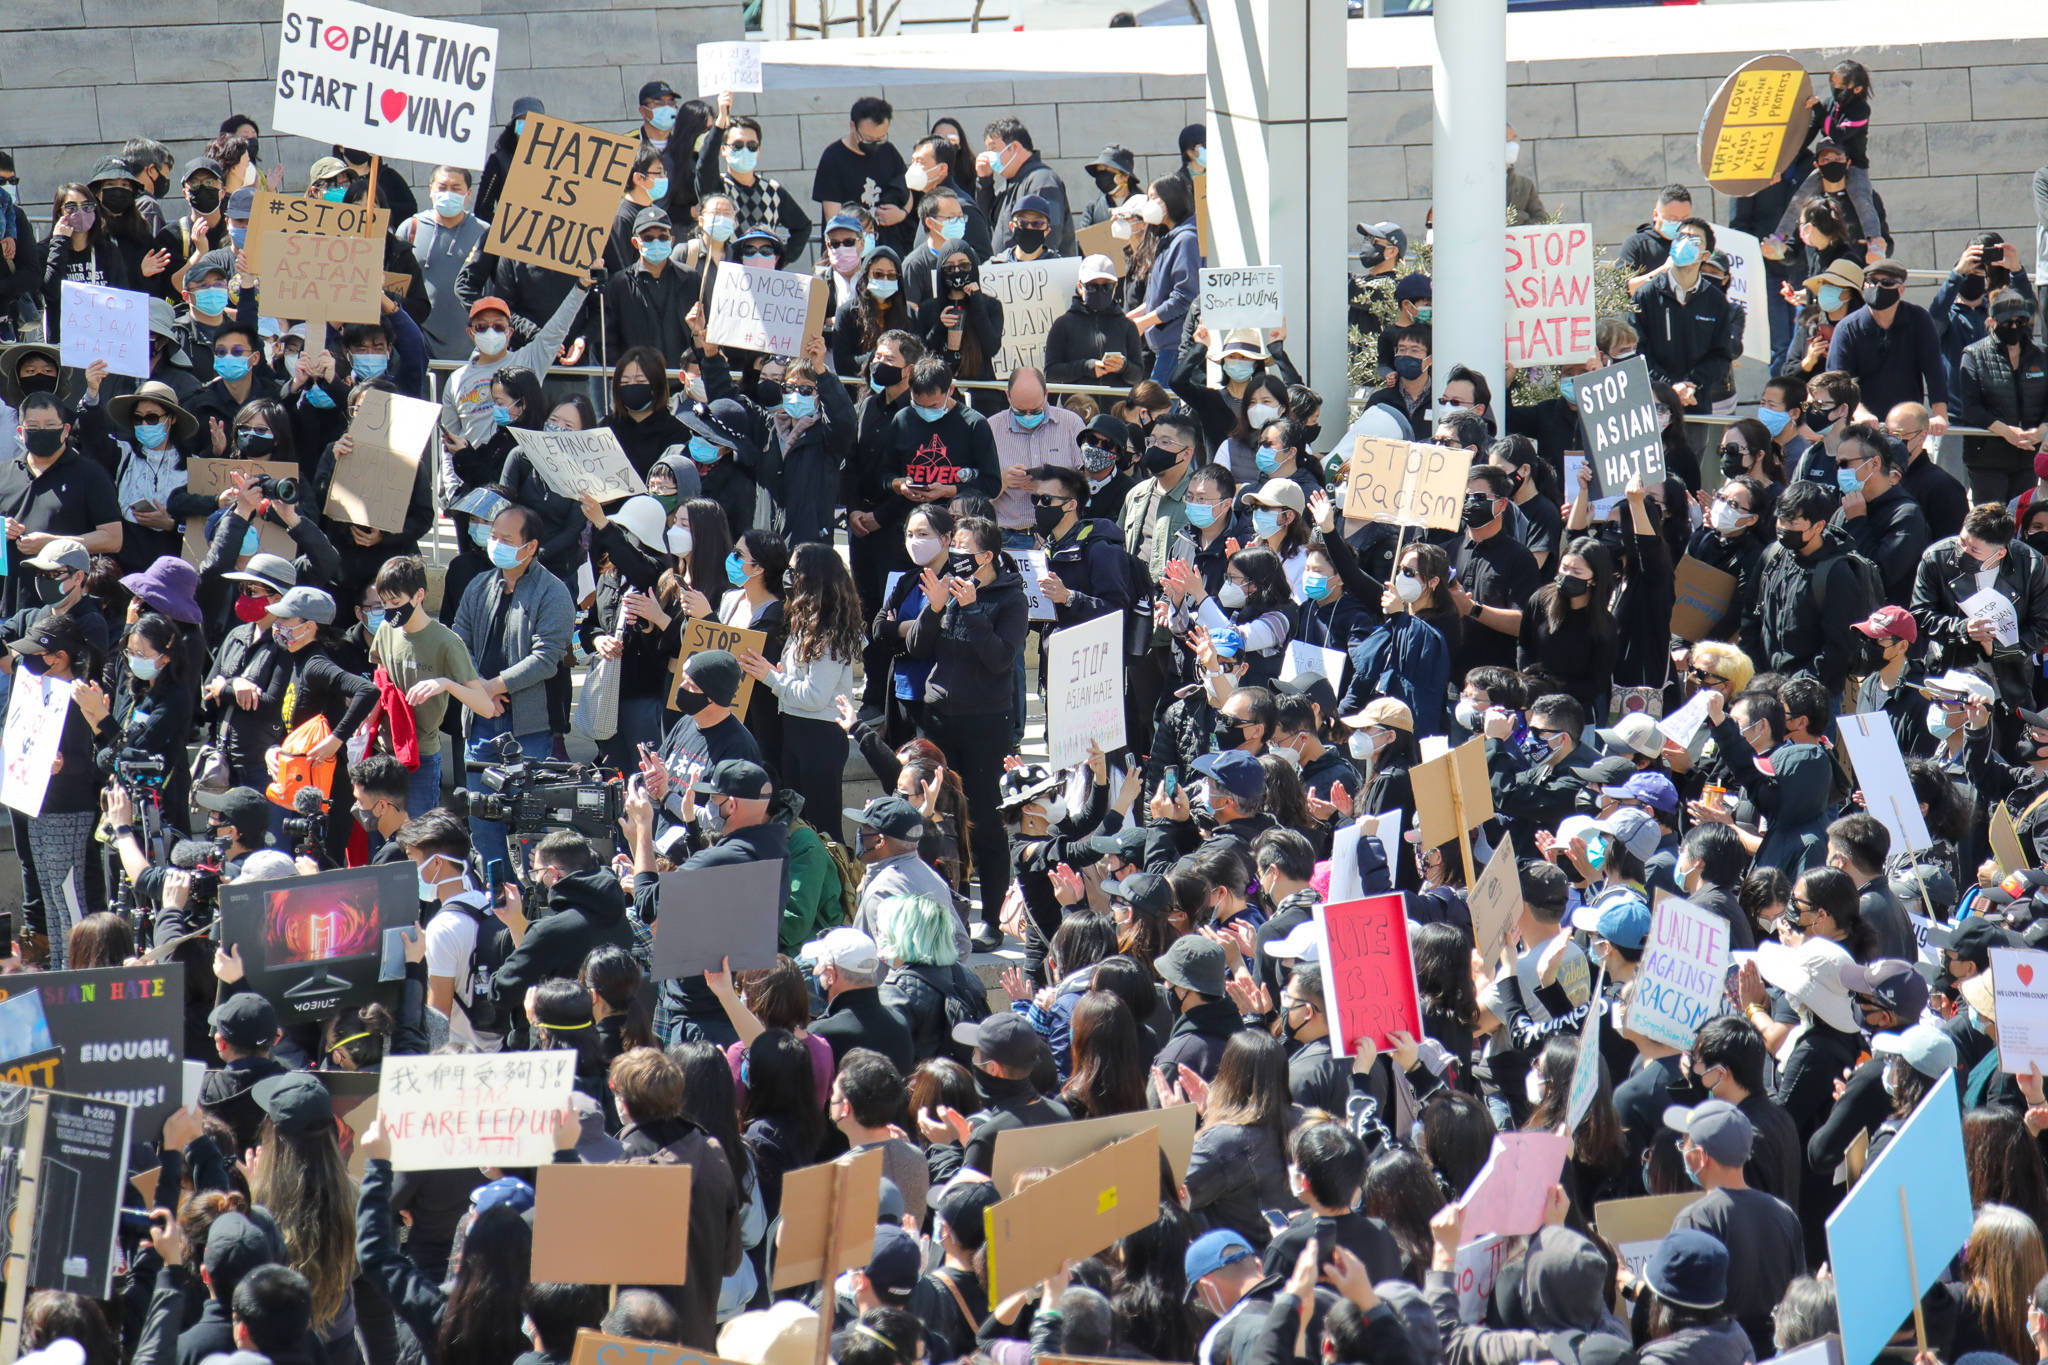 英国旧金山湾区群众聚会强烈抗议对于亚籍的岐视个人行为和憎恨违